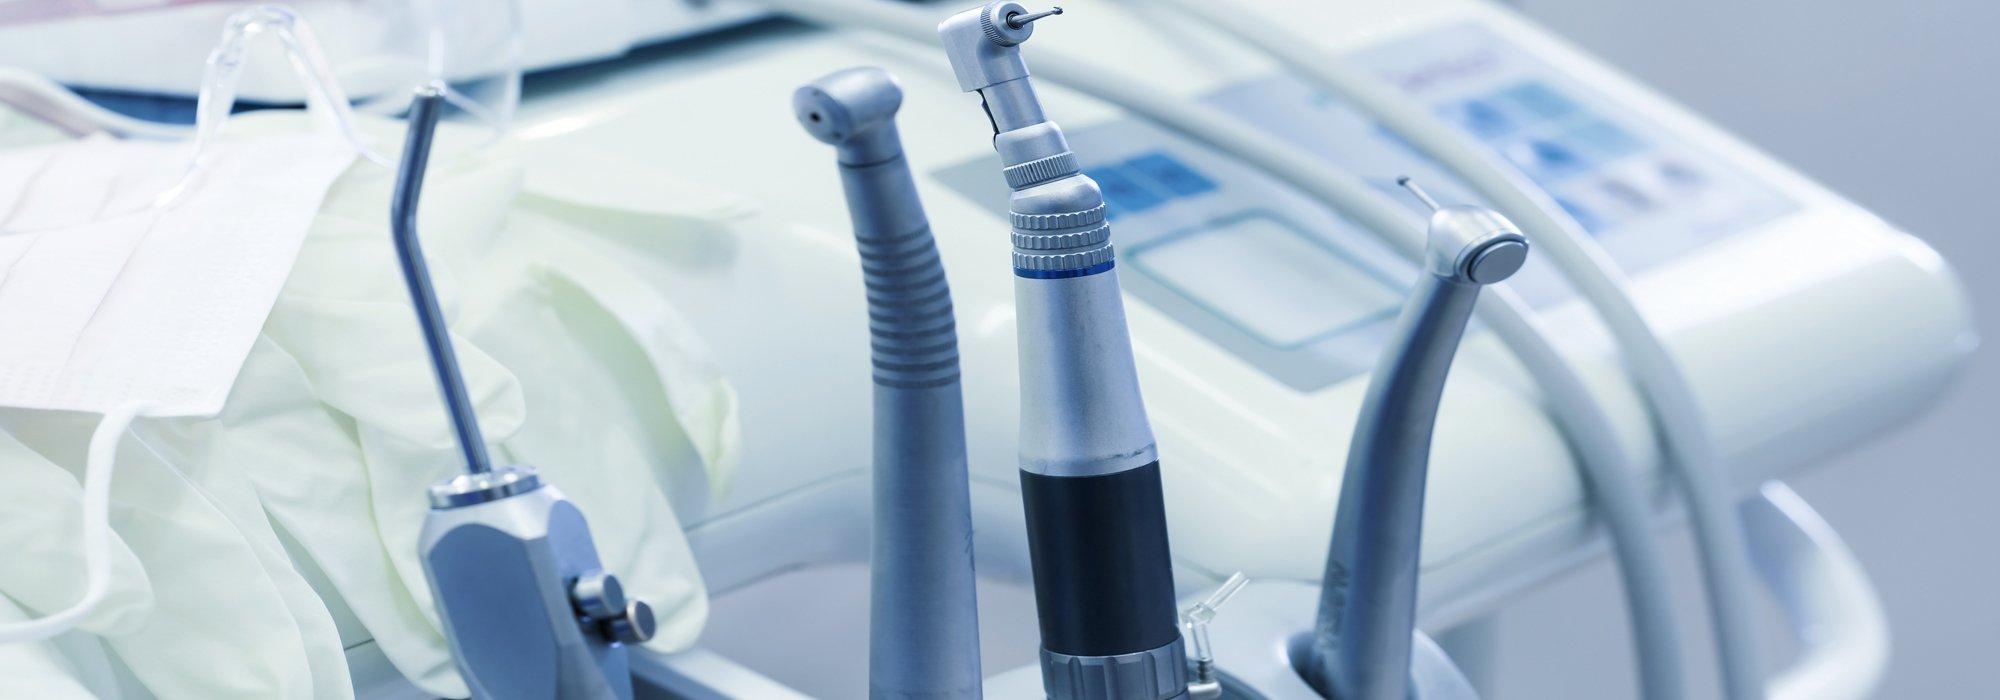 attrezzature del dentista